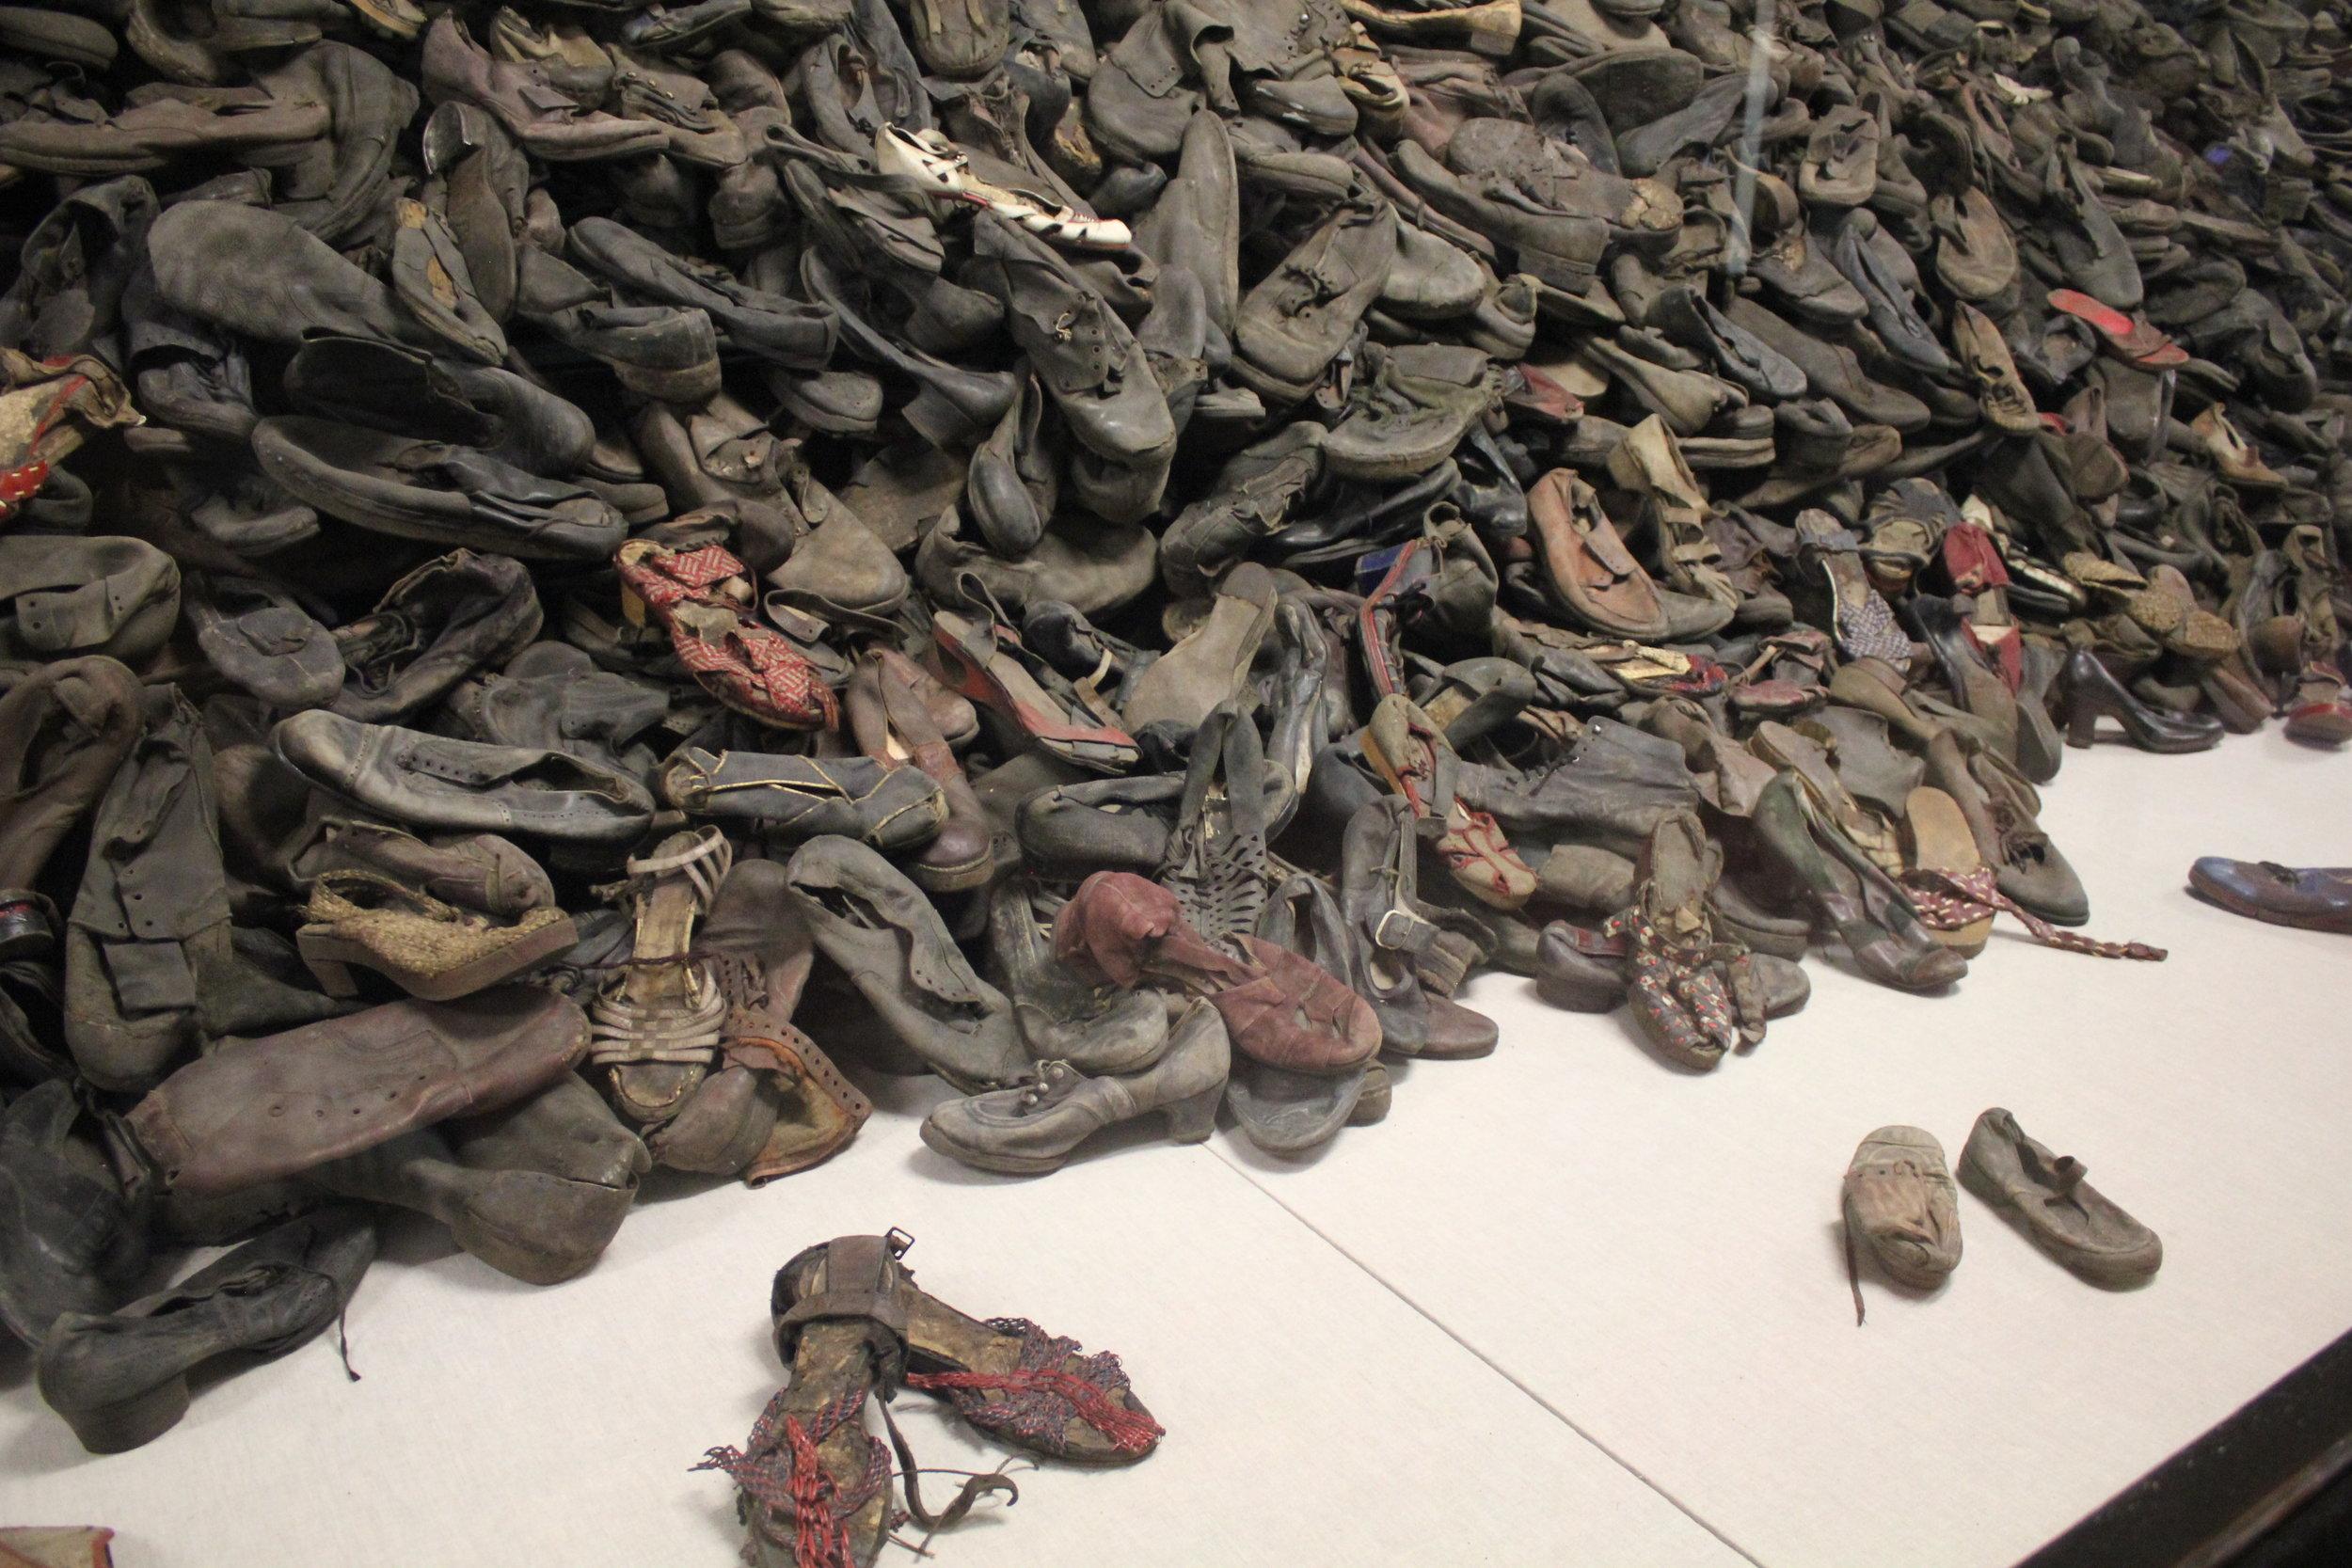 Victims' shoes